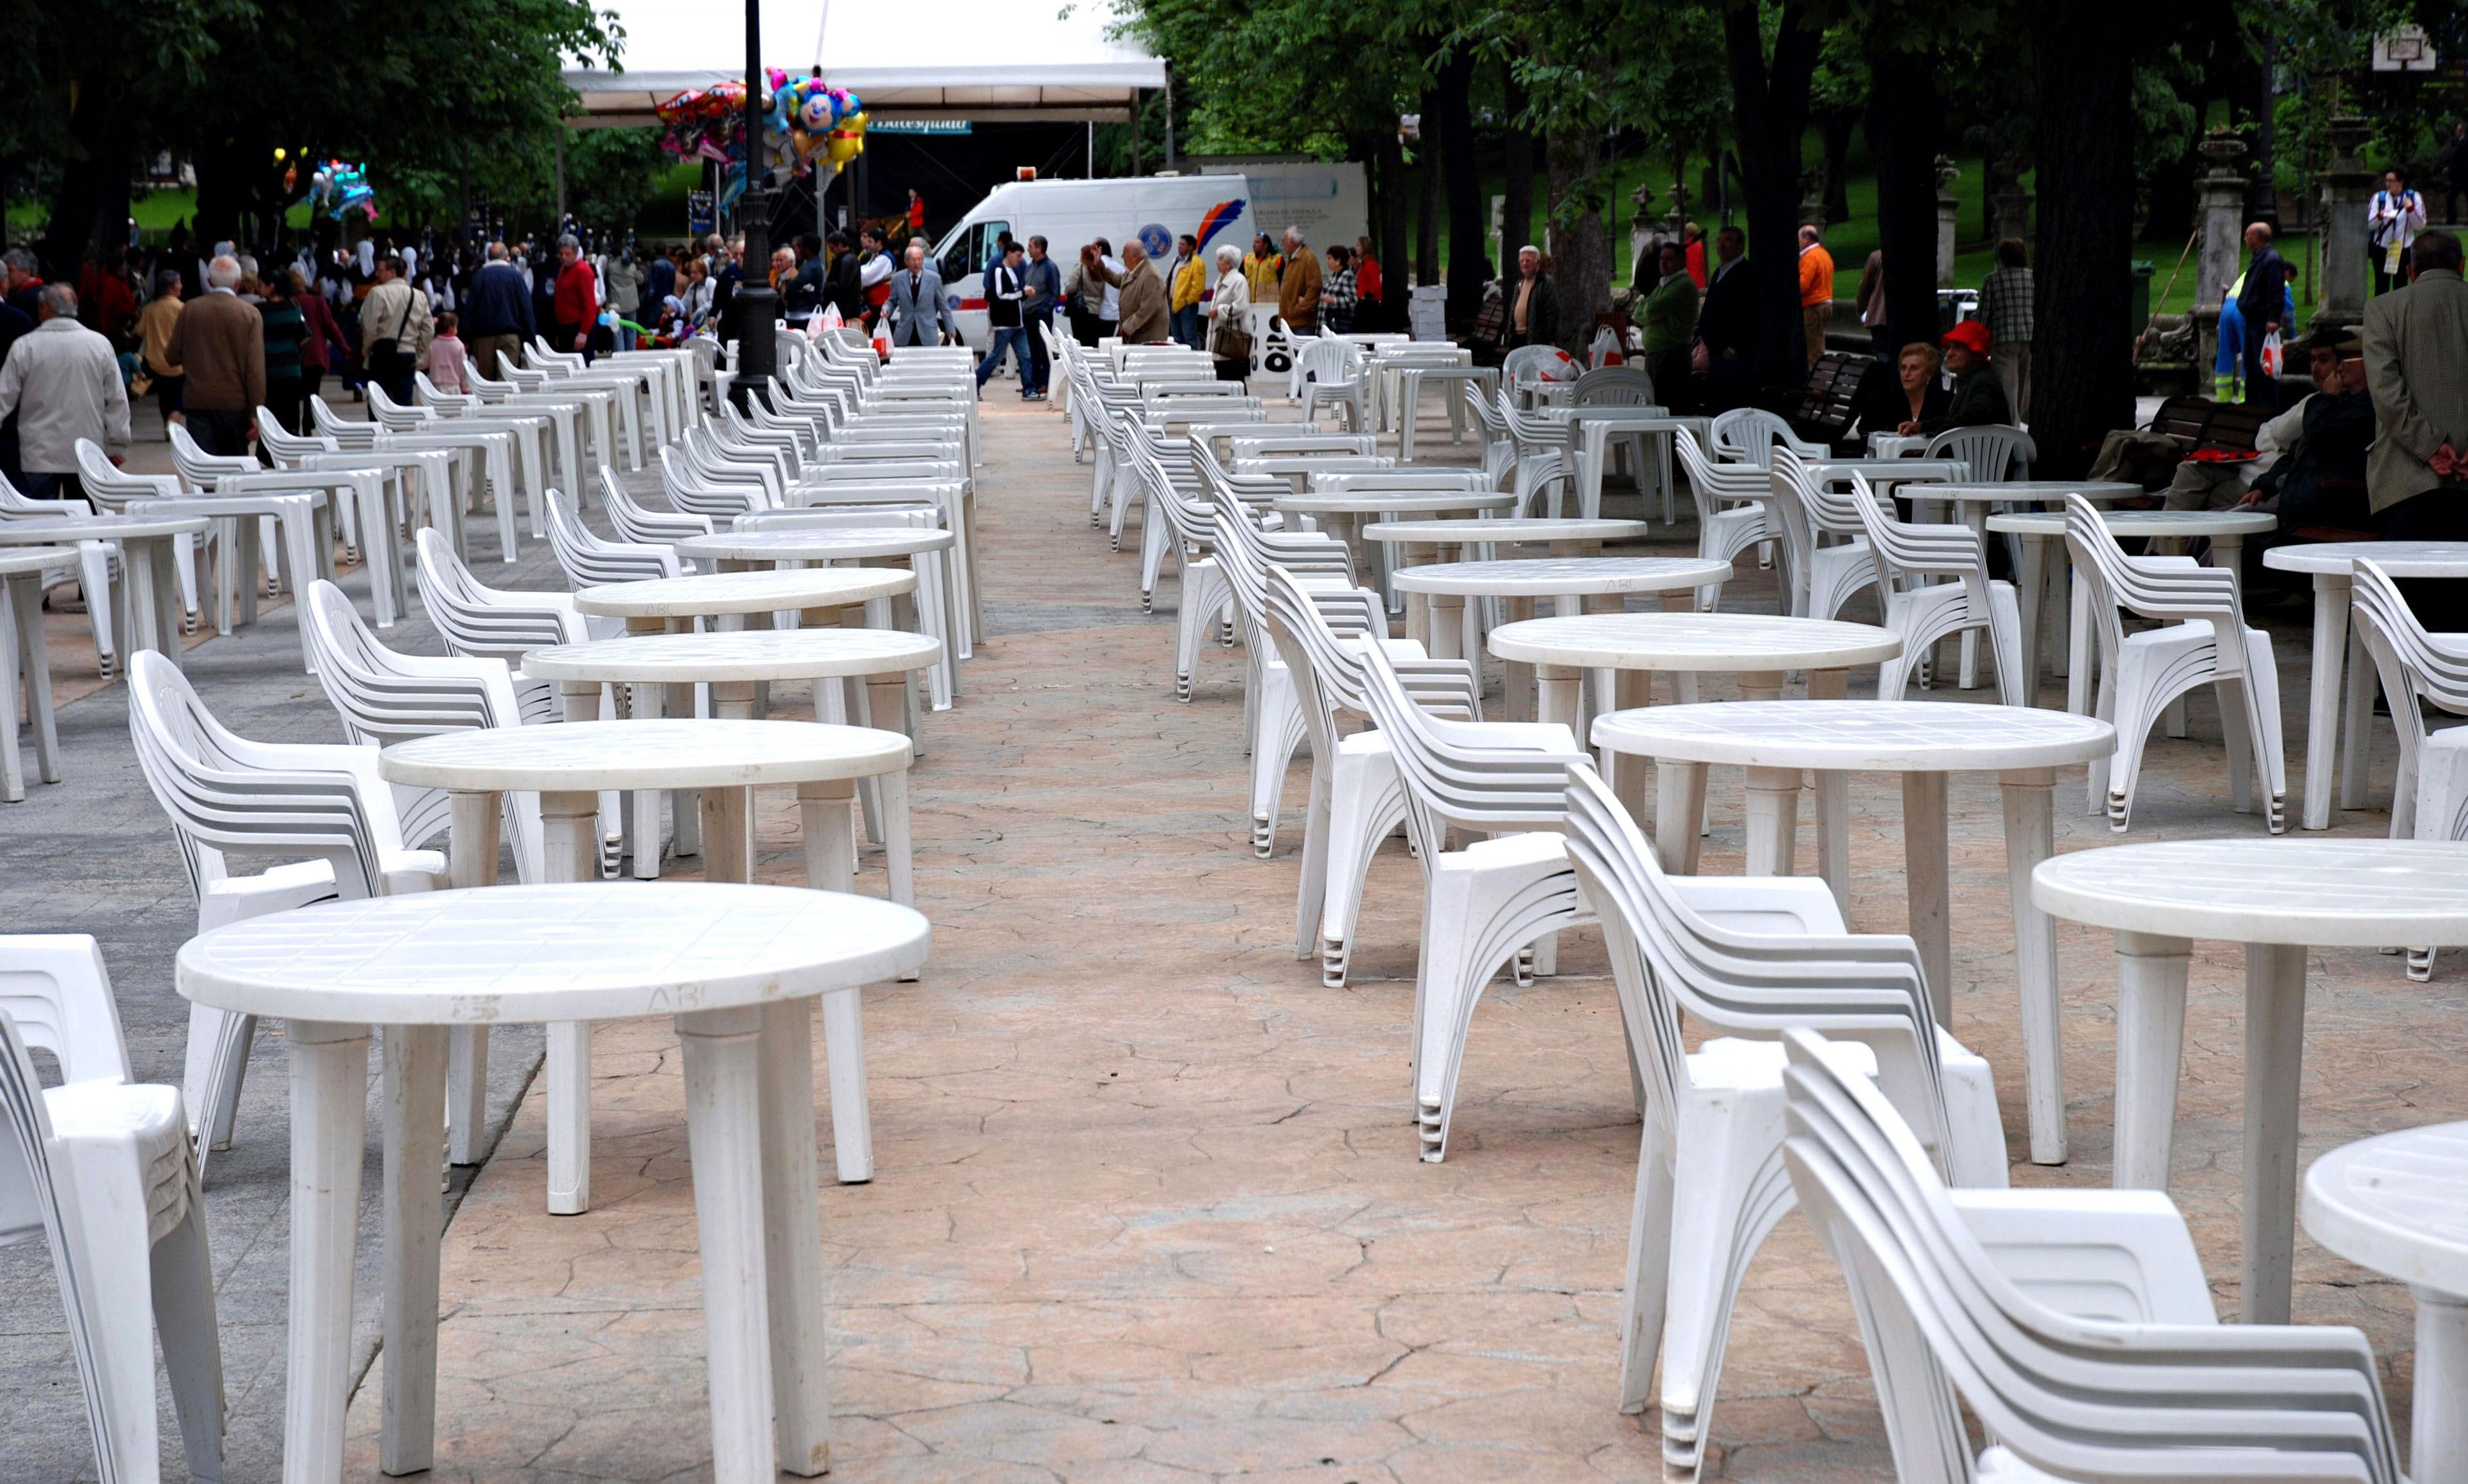 Alquiler de mesas y sillas para terrazas, en Asturias.